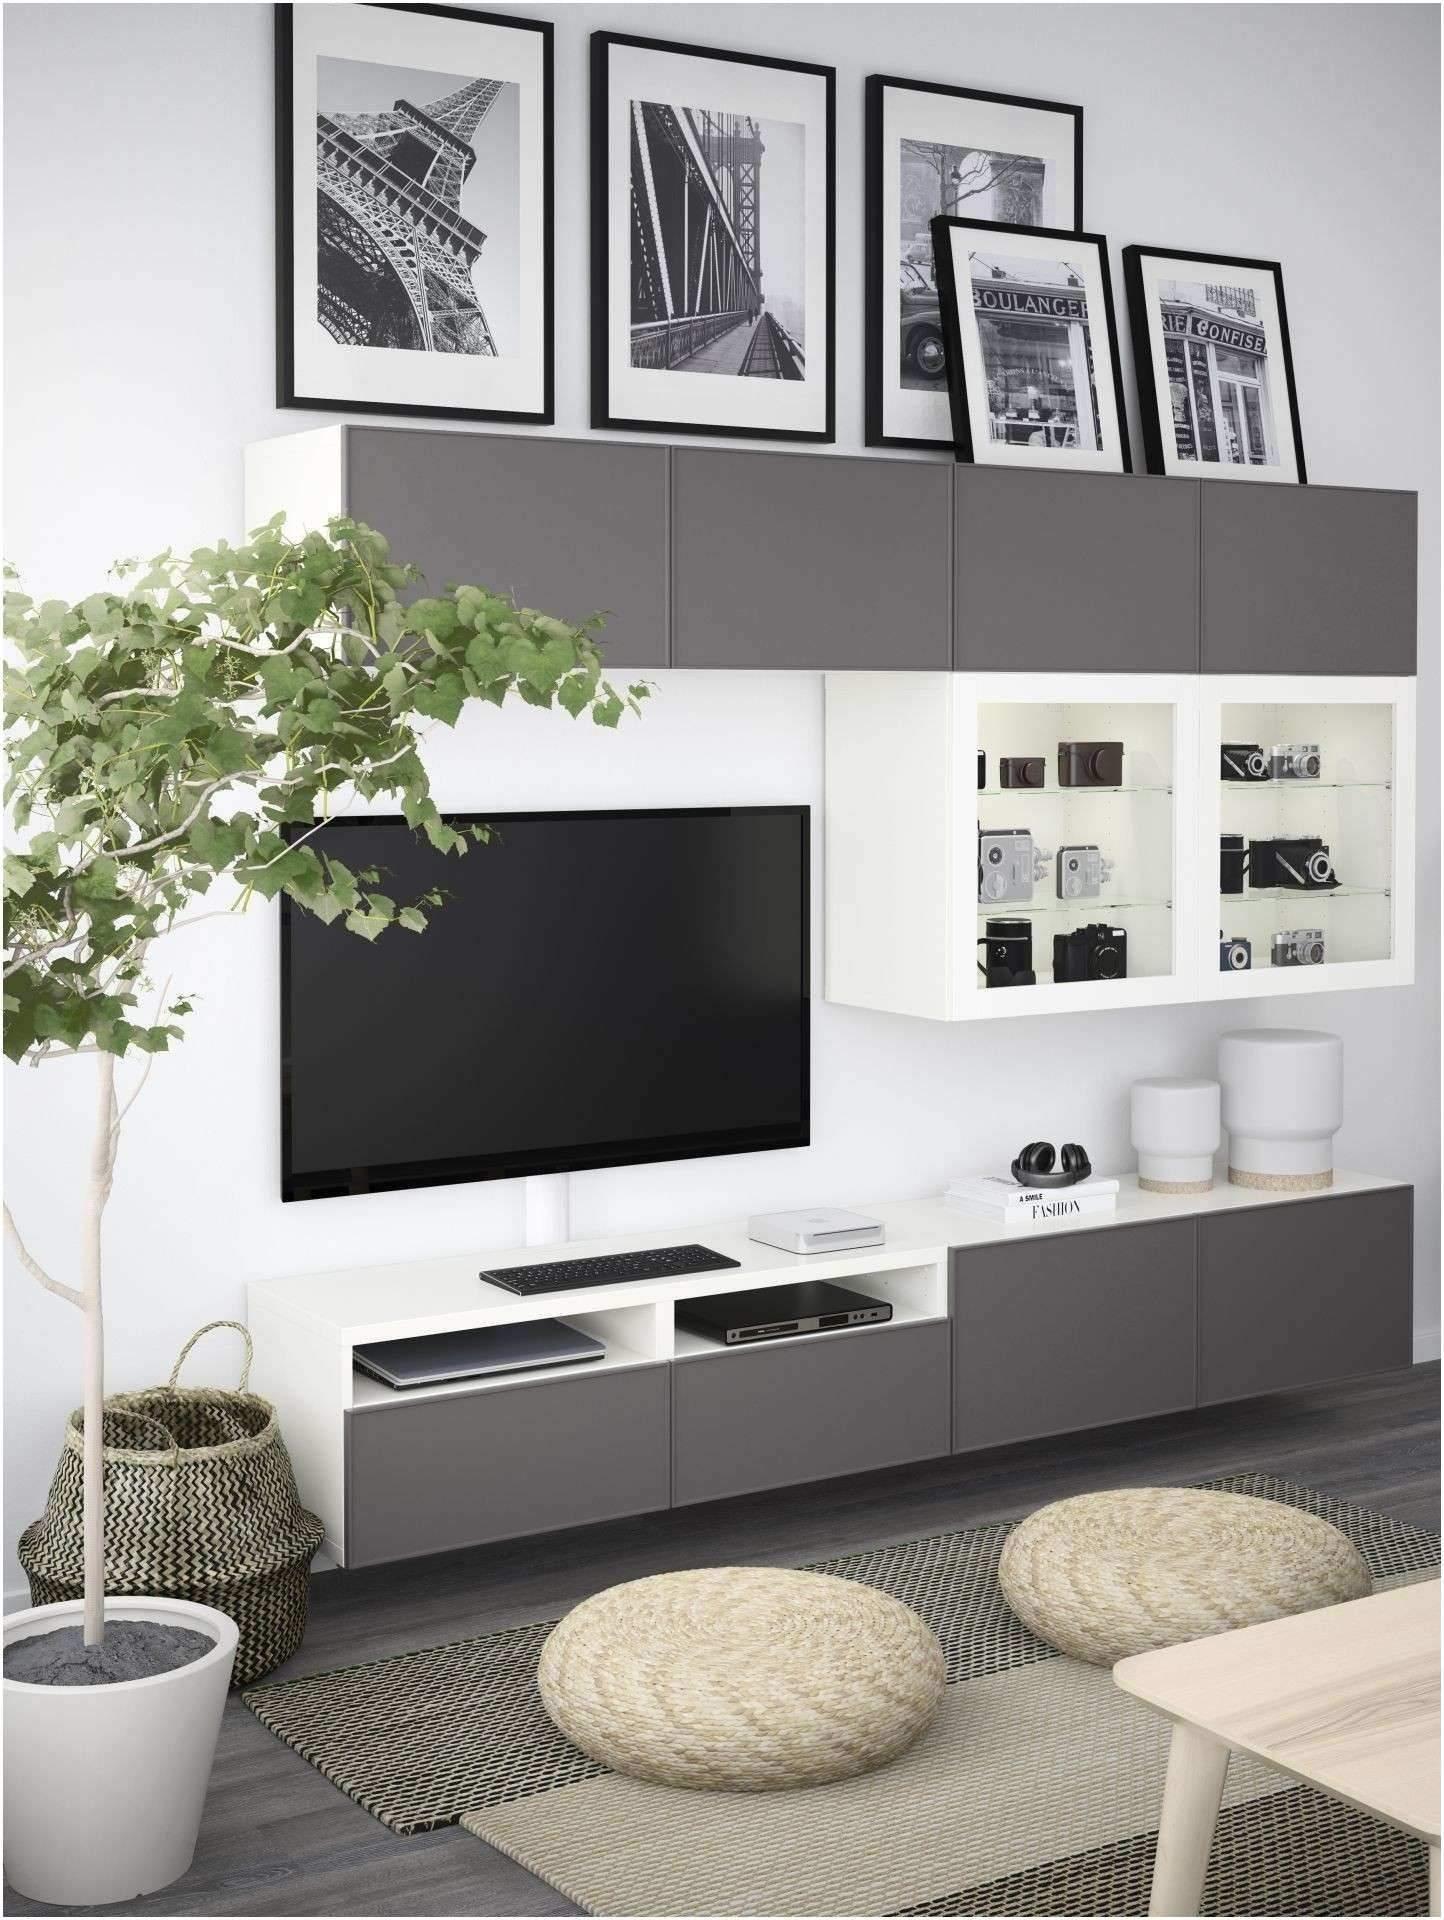 wohnzimmer gestalten tipps neu 50 luxus von wohnzimmer klein einrichten konzept of wohnzimmer gestalten tipps